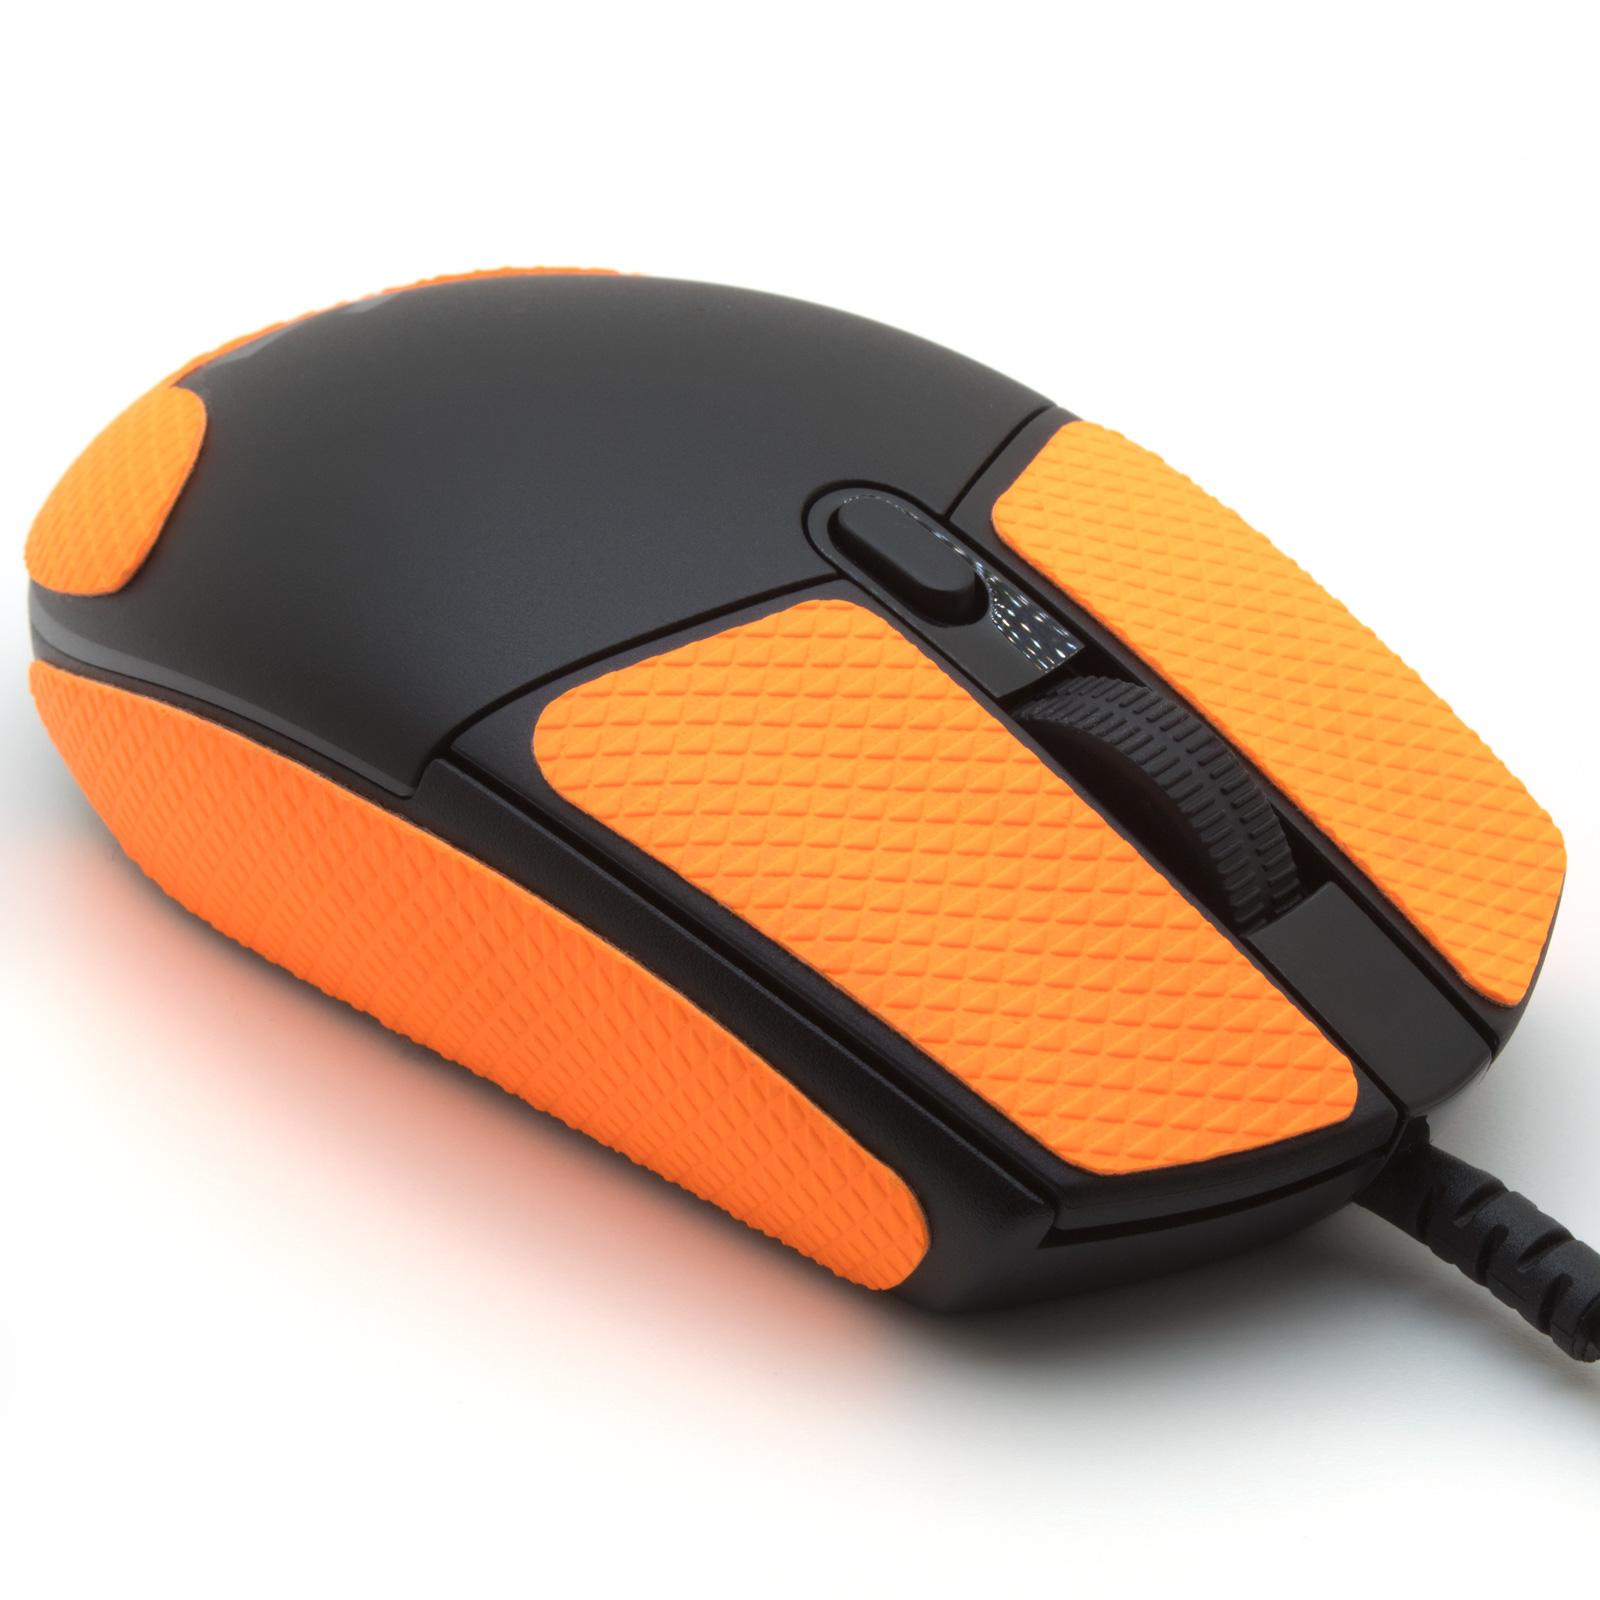 Grip pour souris Logitech G PRO Hero de la marque TrueGrip - vue avant droit